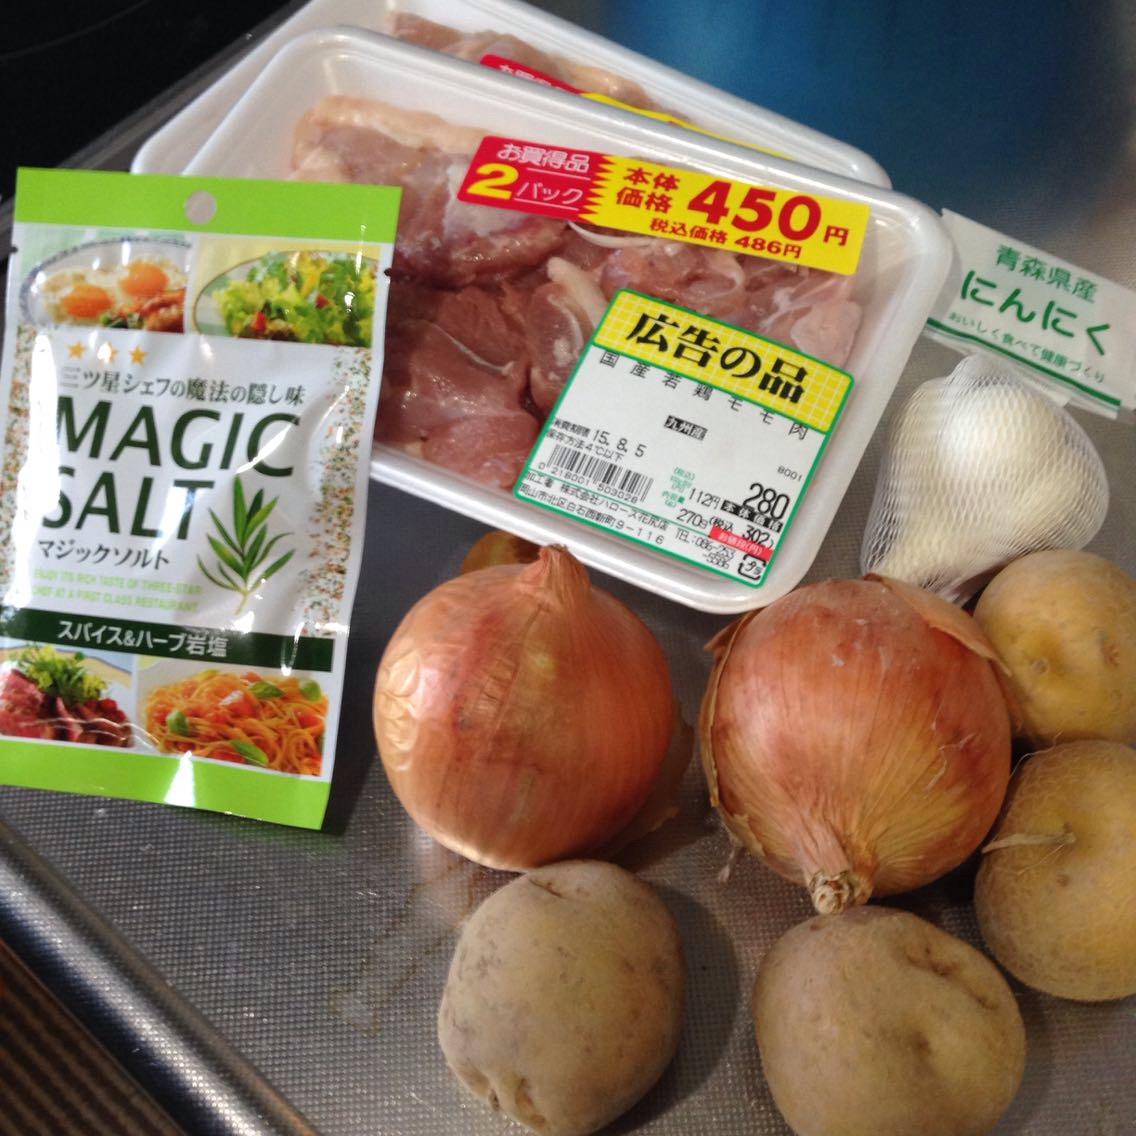 鶏モモ肉 2枚 (丸焼きじゃなくてもスーパーで買えるこういうのでも十分!) ・じゃがいも (ホクホクになって美味) ・玉ねぎ (これも入れるべき!)